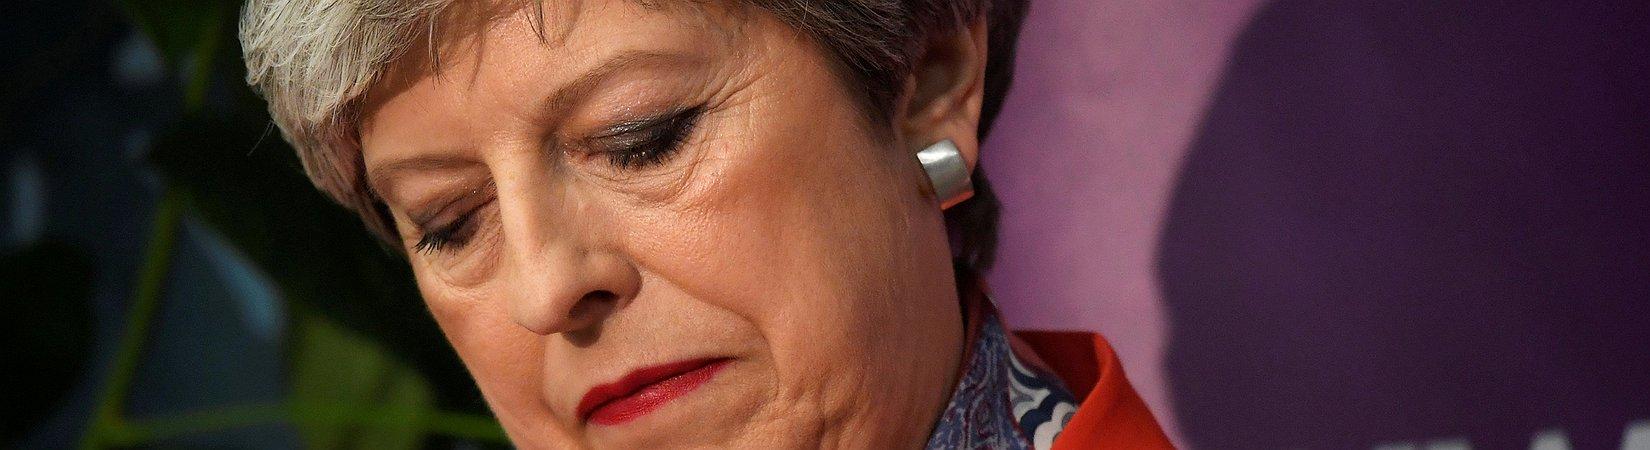 Theresa May vince le elezioni ma è senza maggioranza